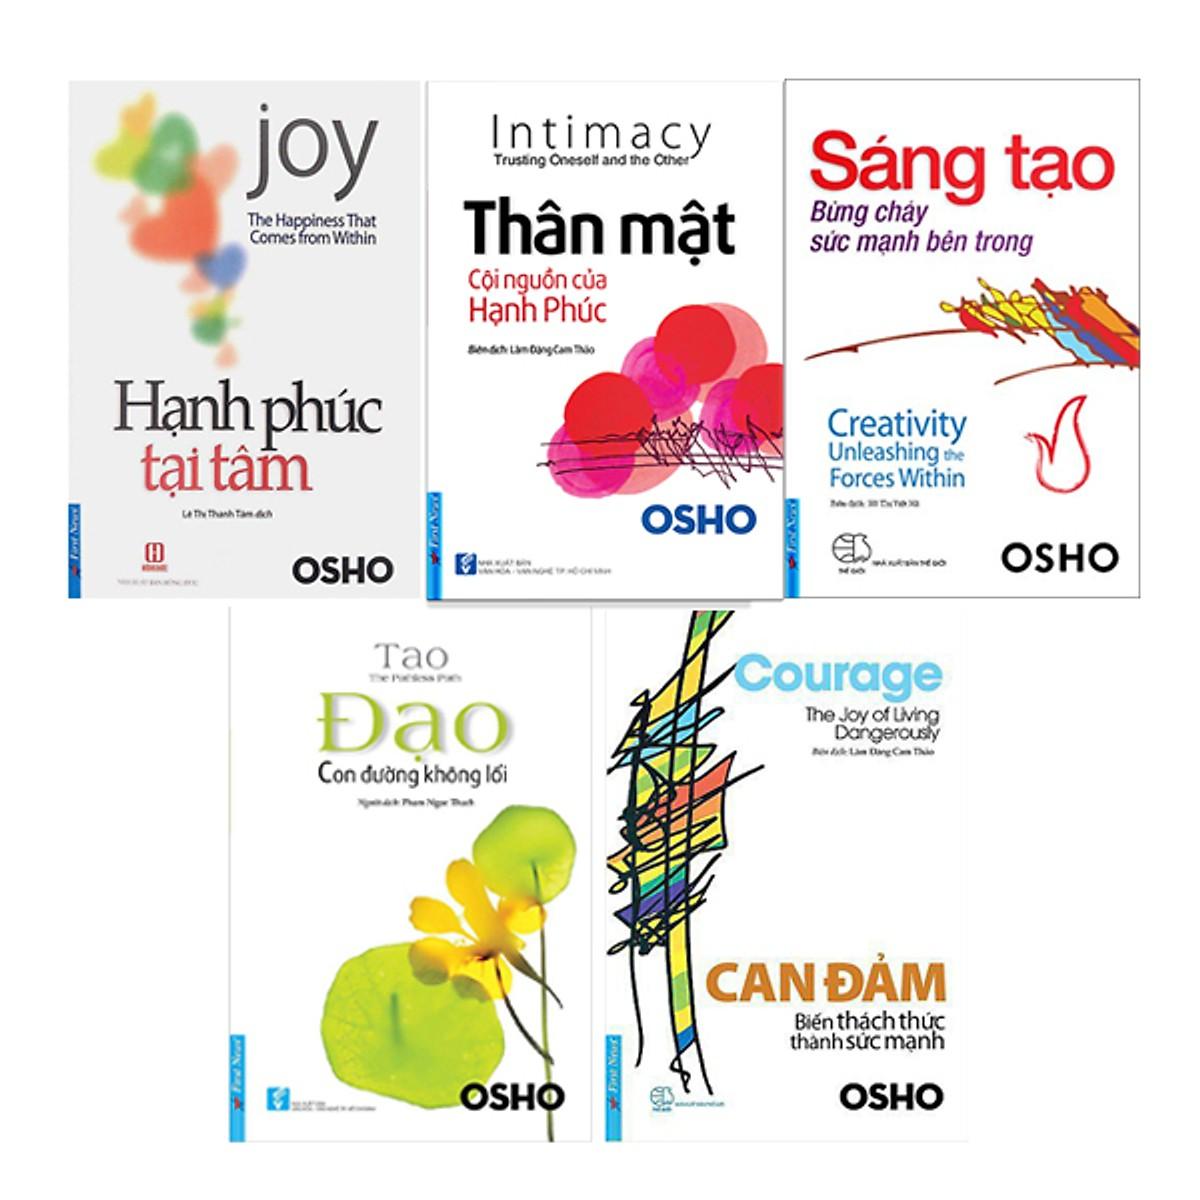 5 quyển sách hay nhất của Osho